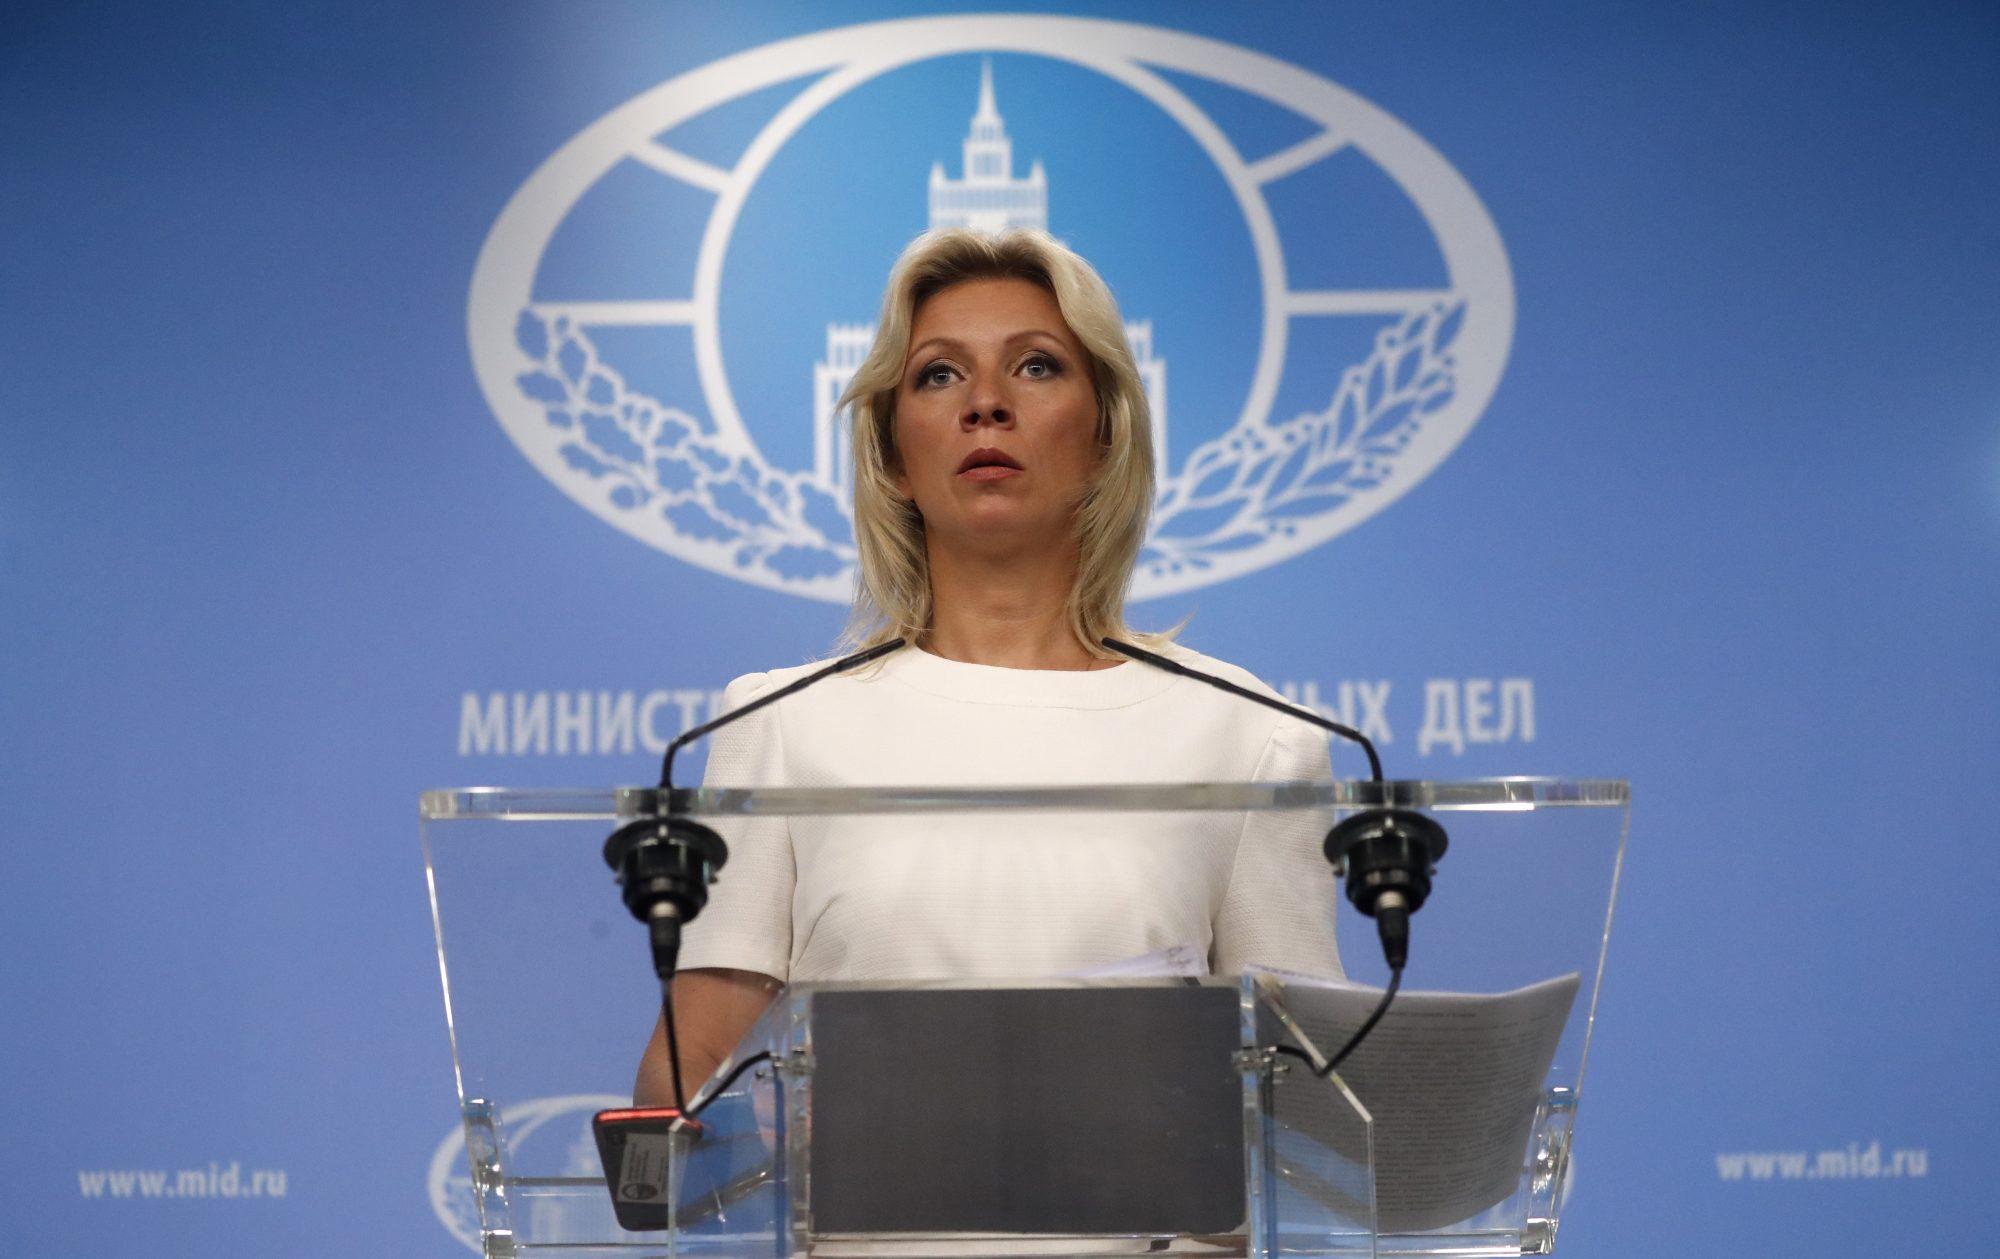 Москва предупреди за прераспоредувањето на американските трупи во Европа